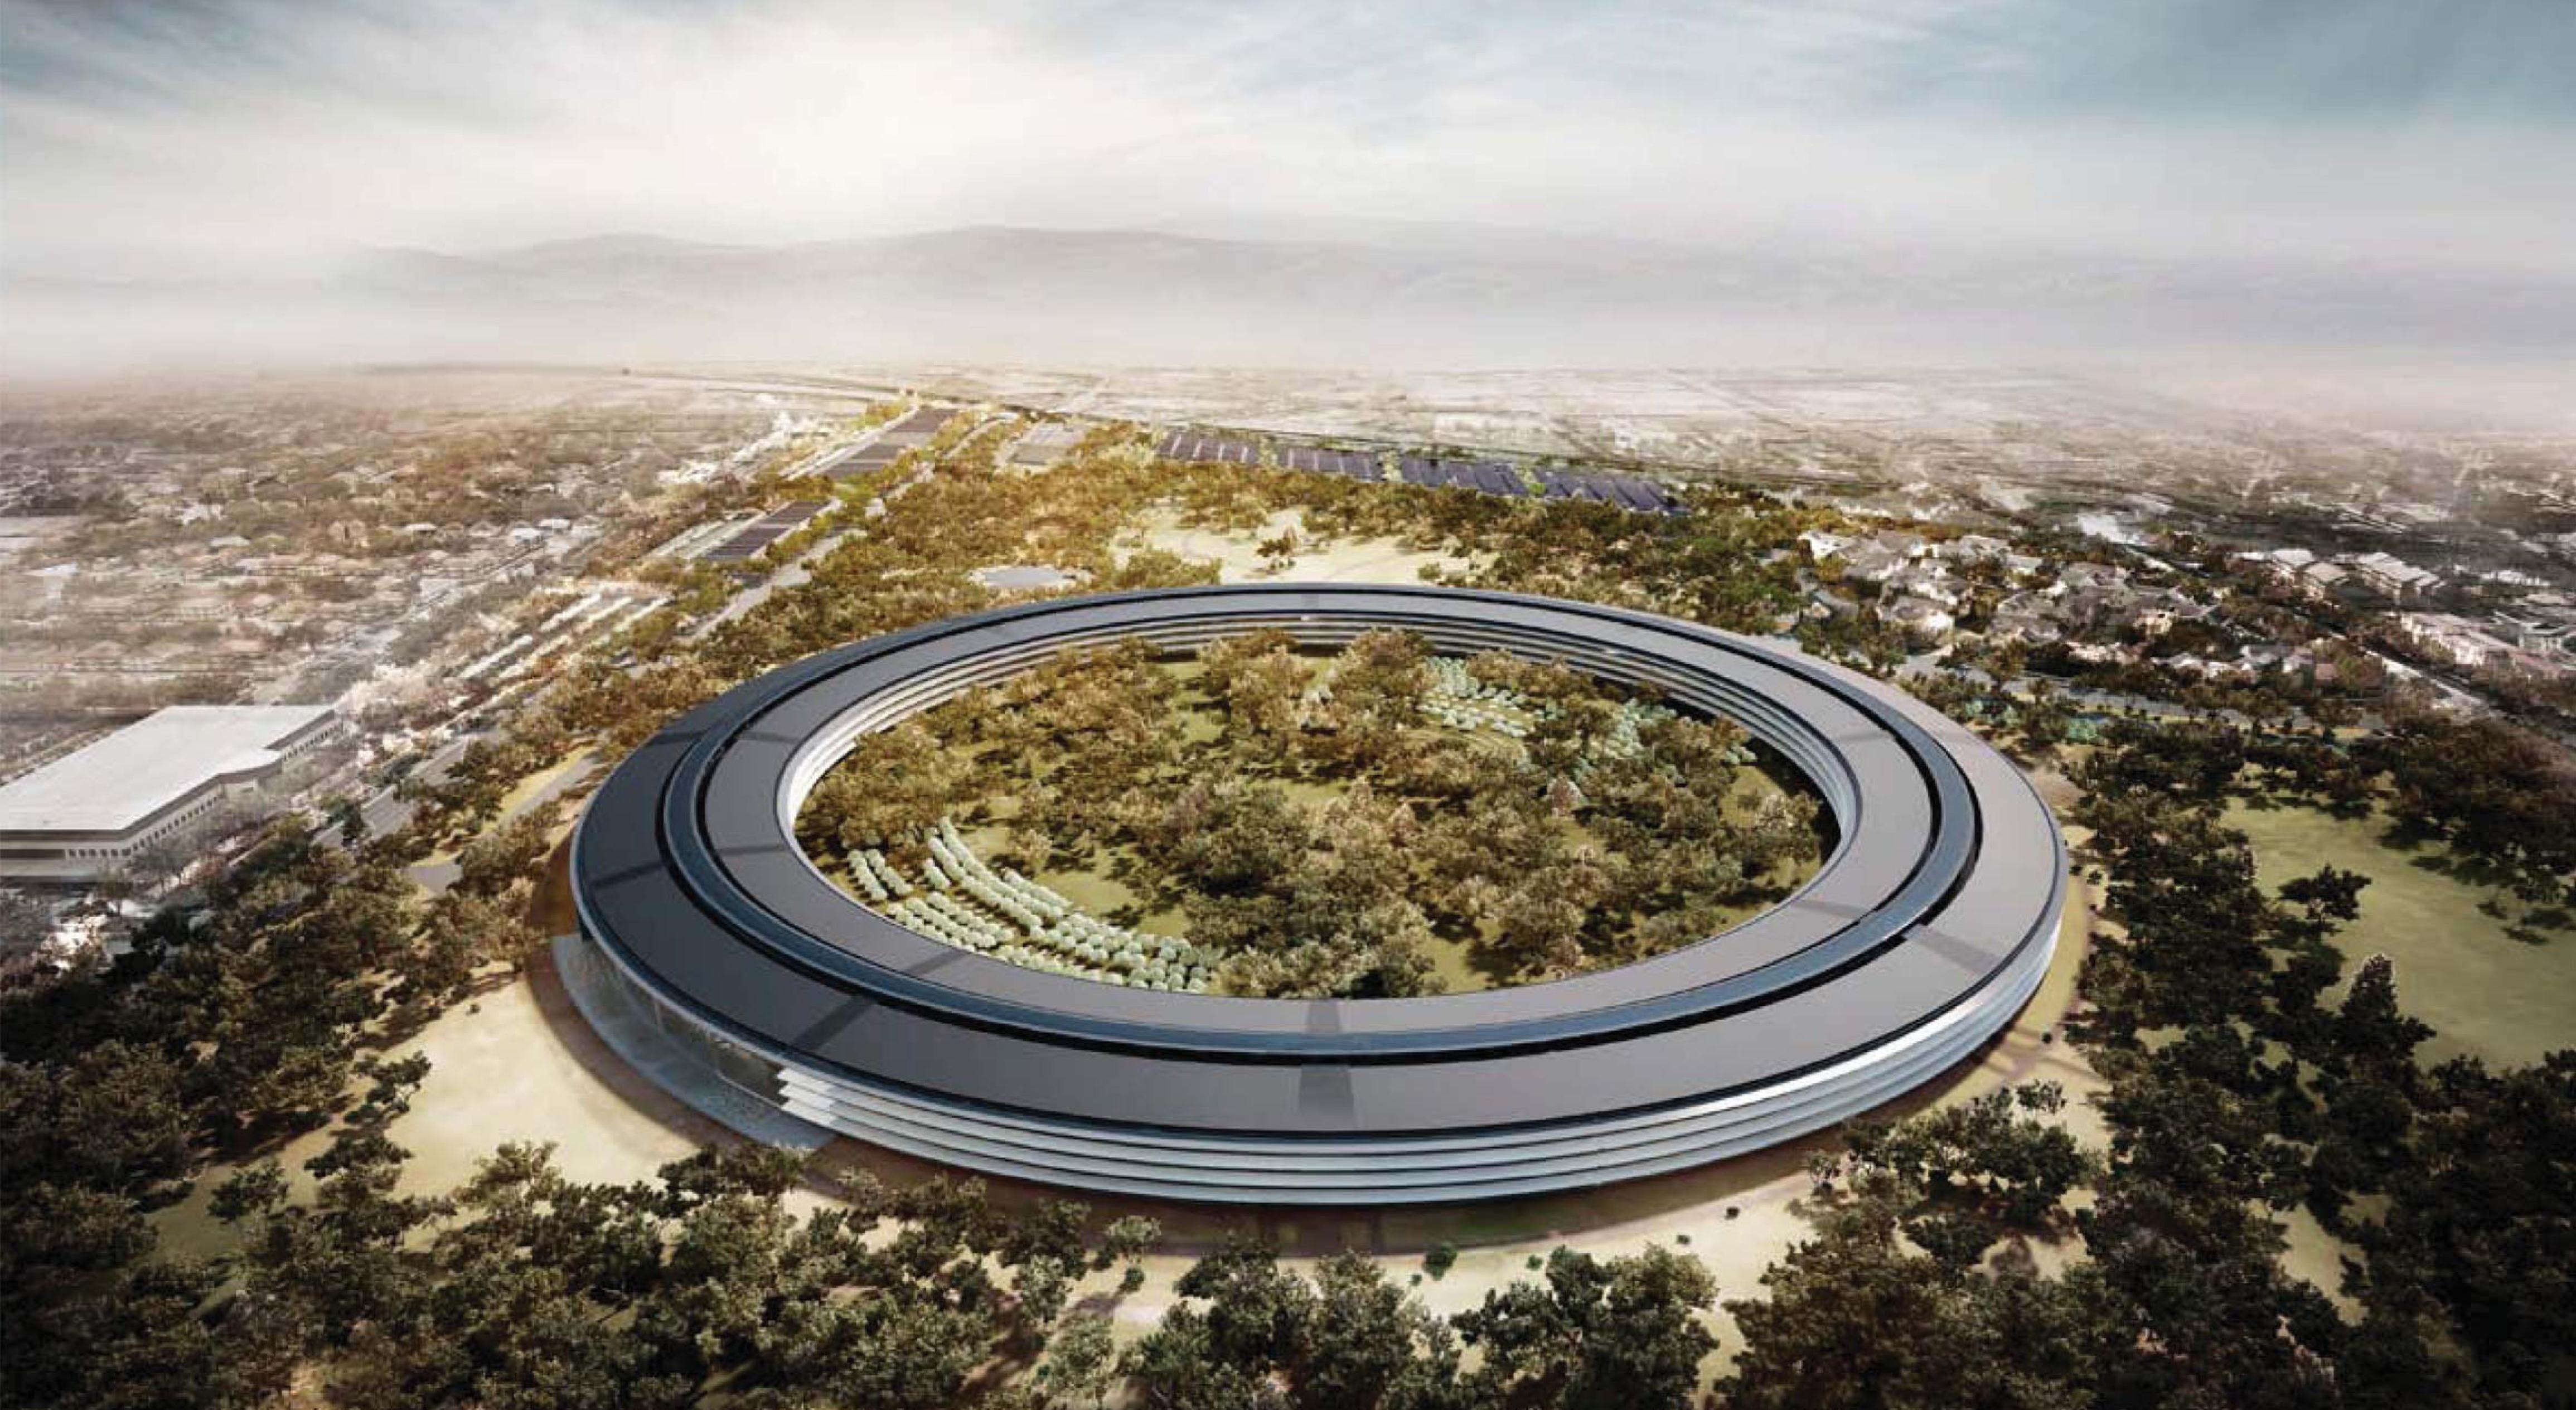 Apple Spaceship Headquarters